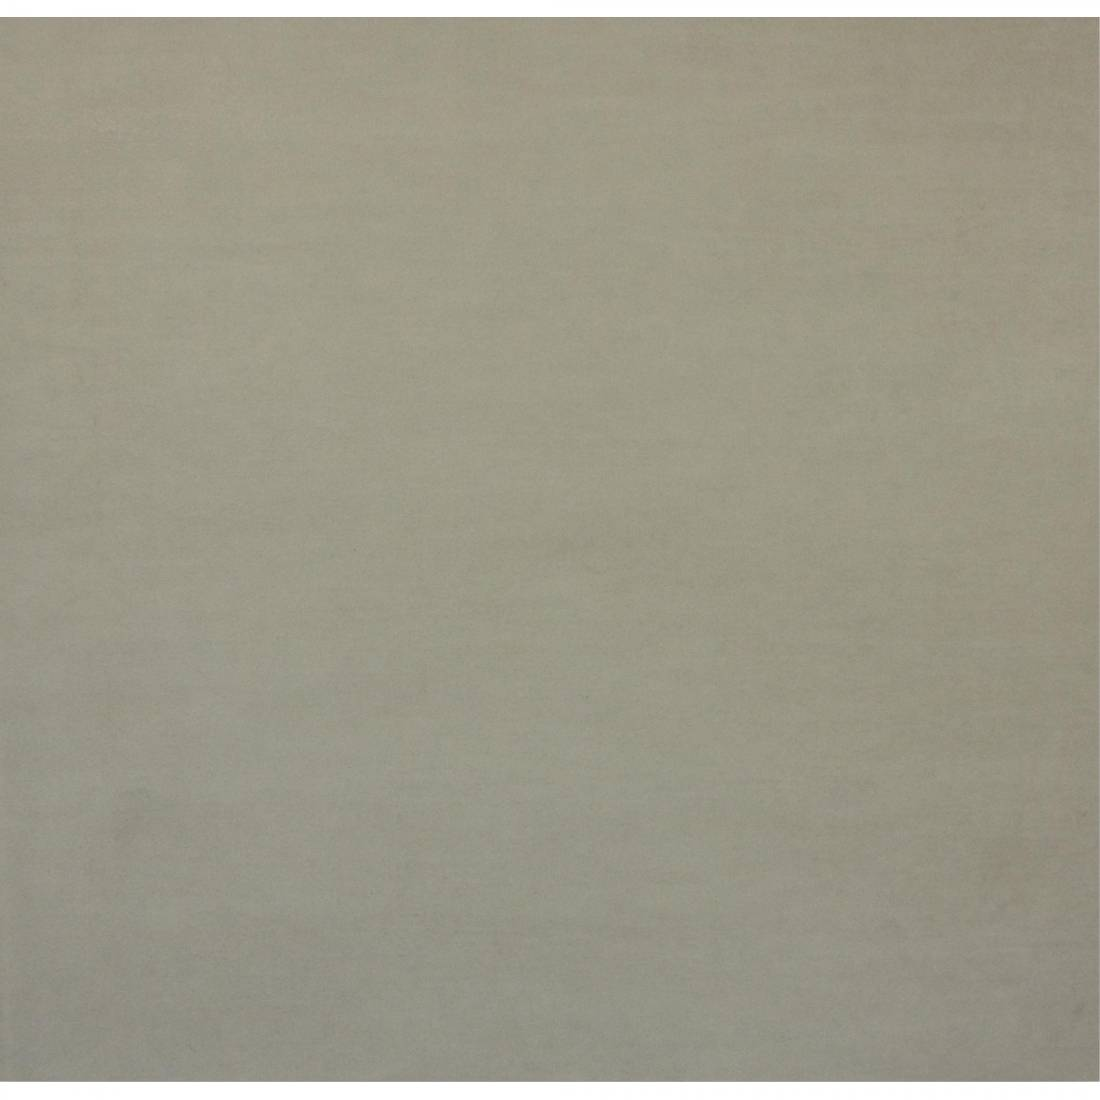 Cement 40x40 Boston White 1